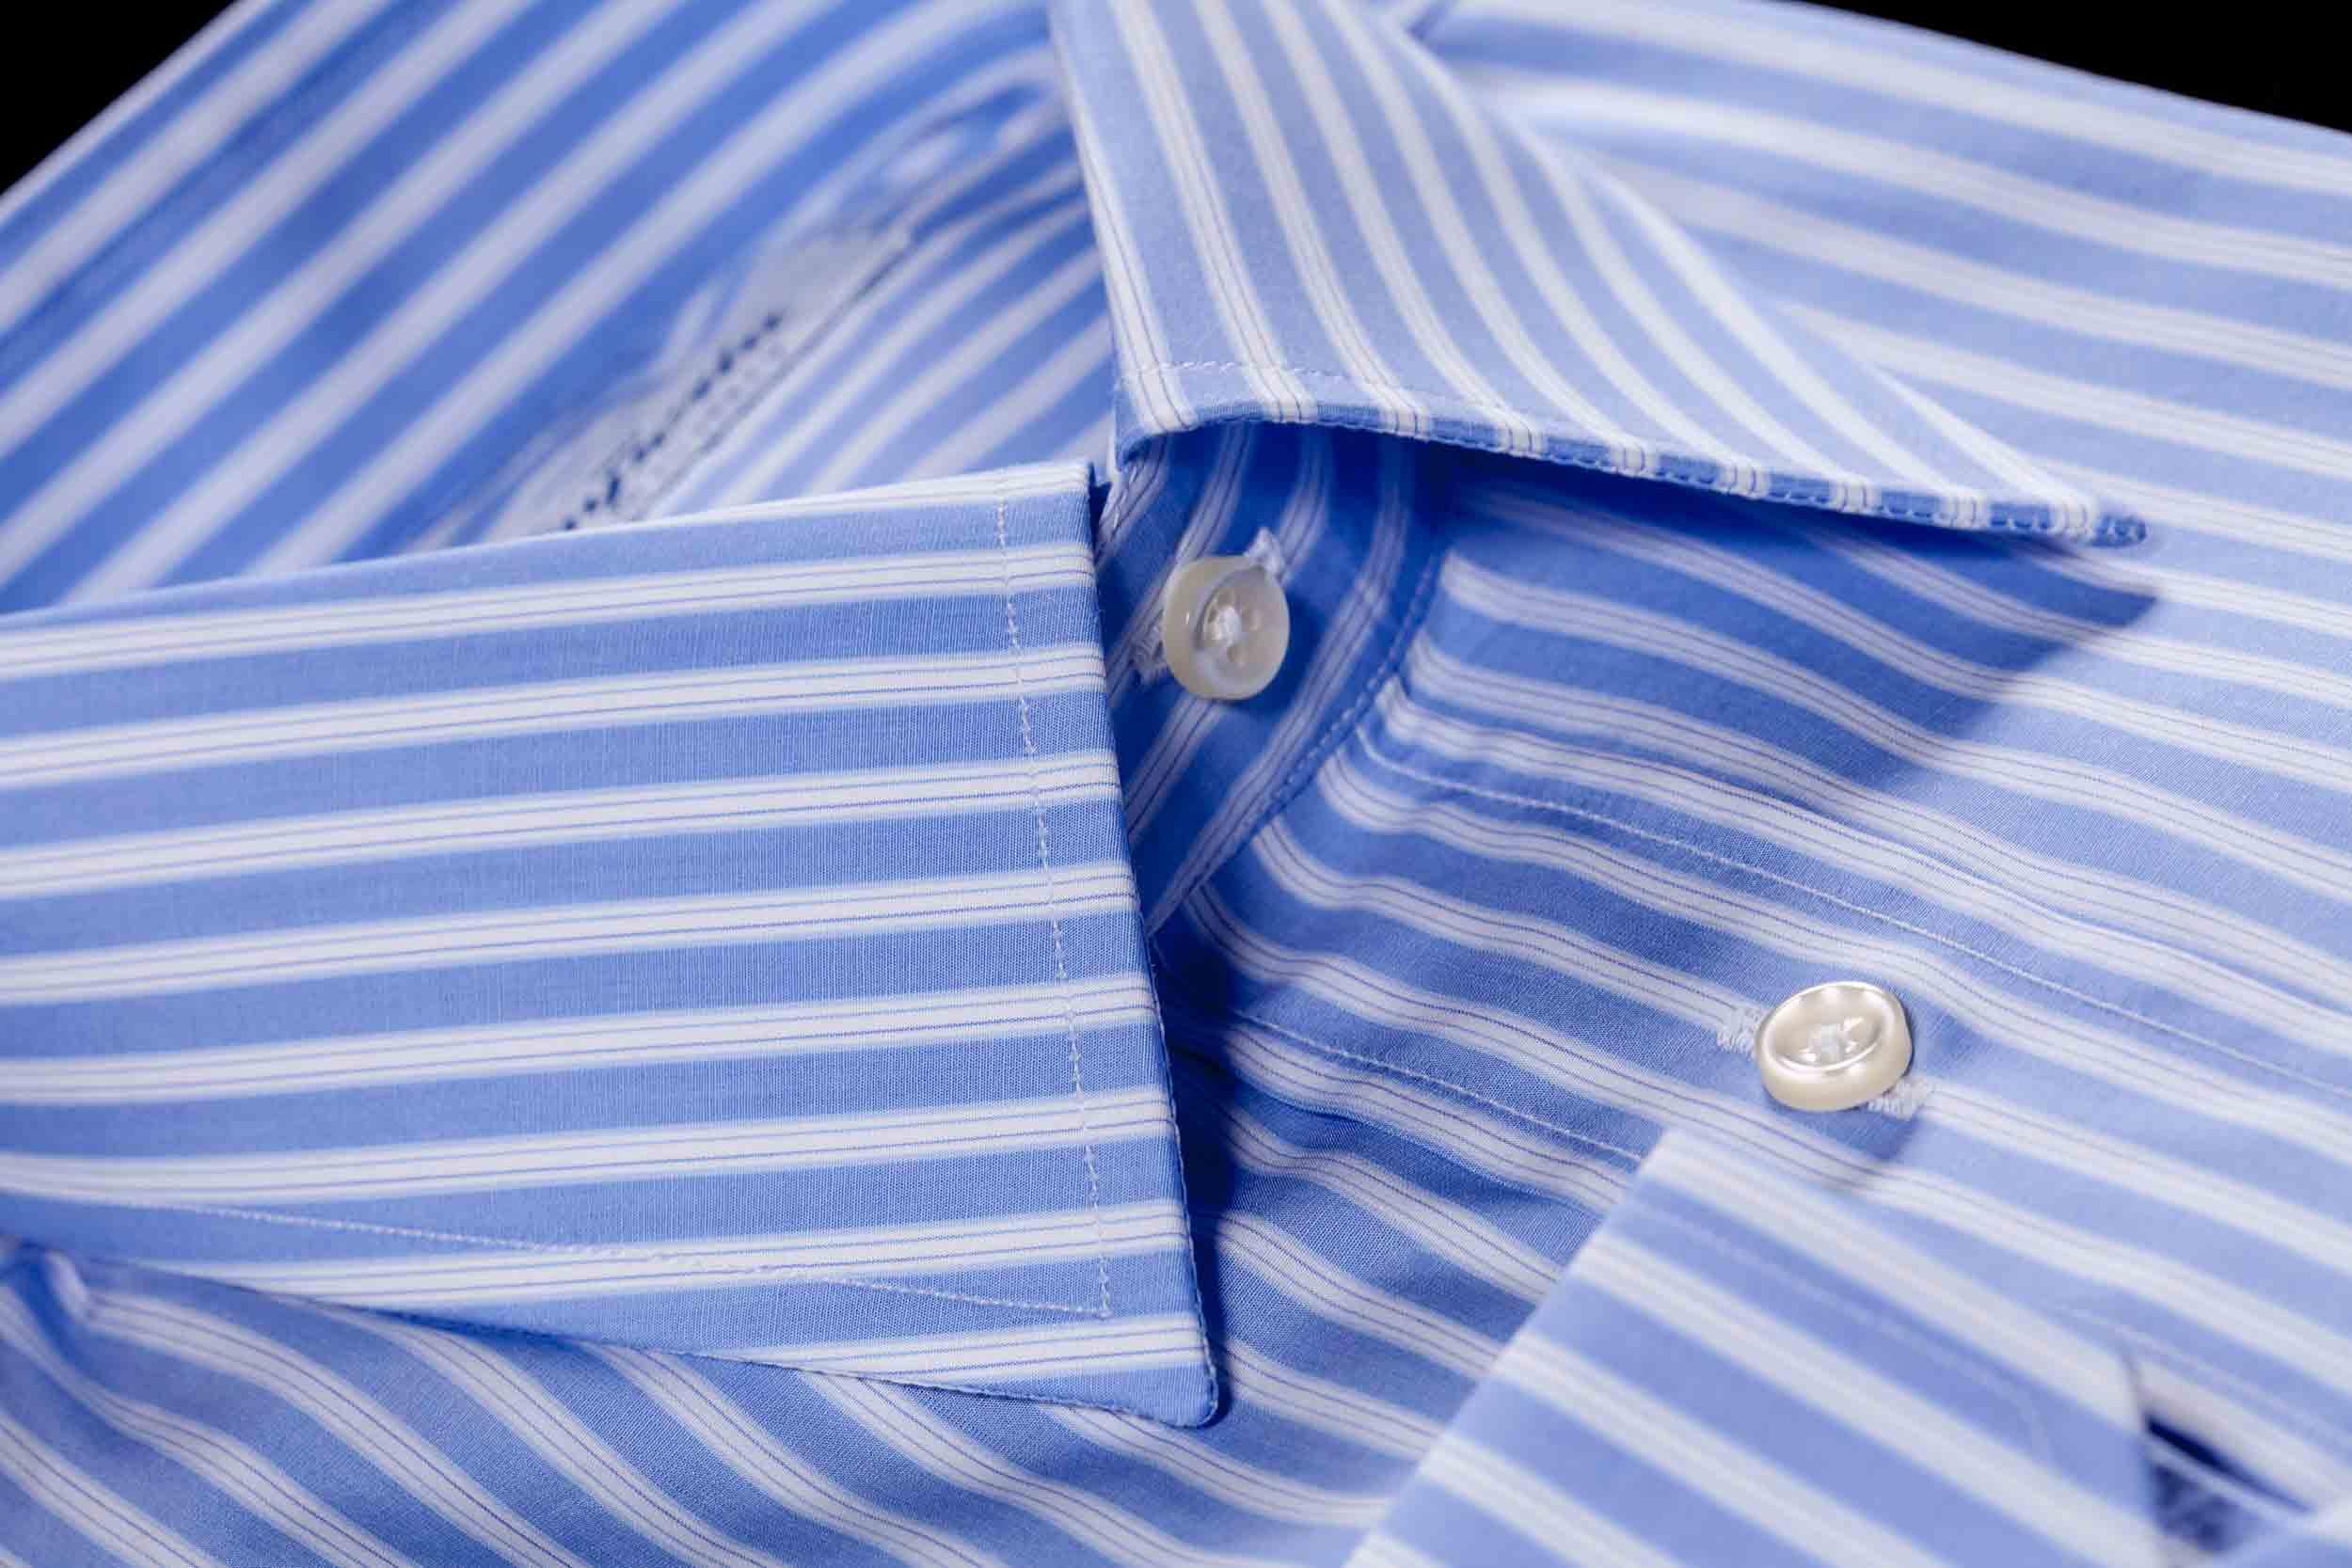 camicia da uomo con collo italiano Camiceria Smeralda Camerano Ancona